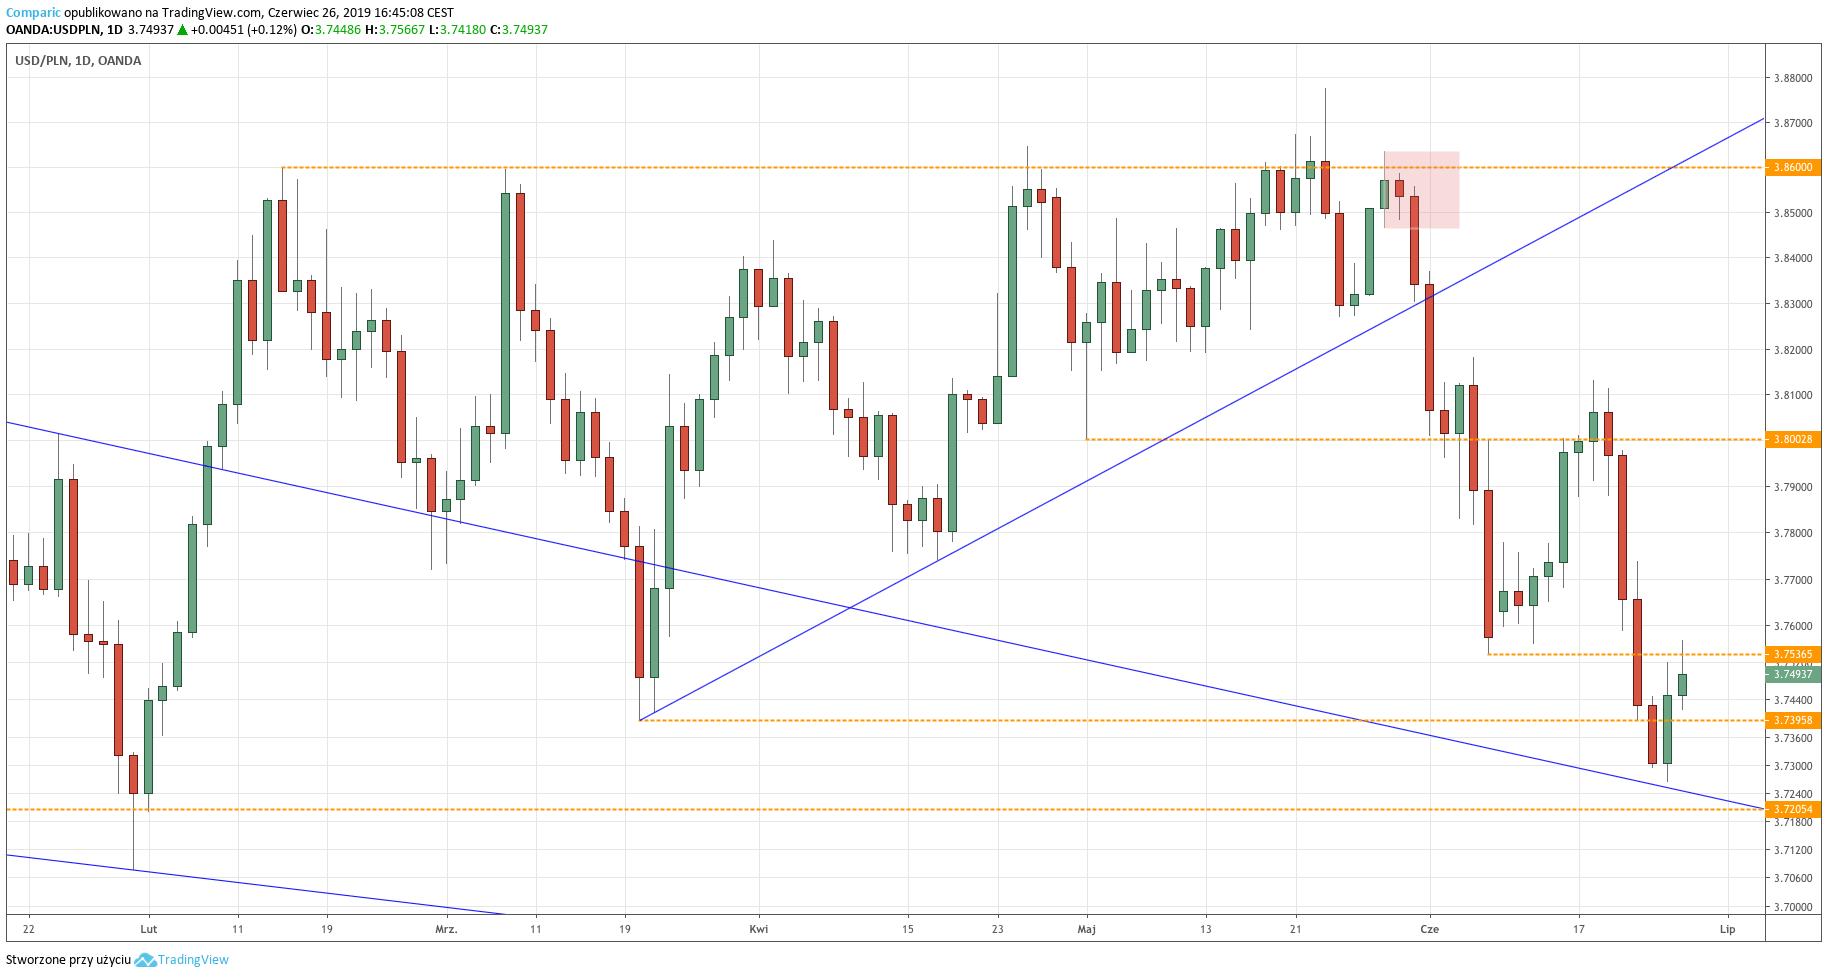 Kurs dolara do złotego (USD/PLN) - wykres dzienny - 26 czerwca 2019